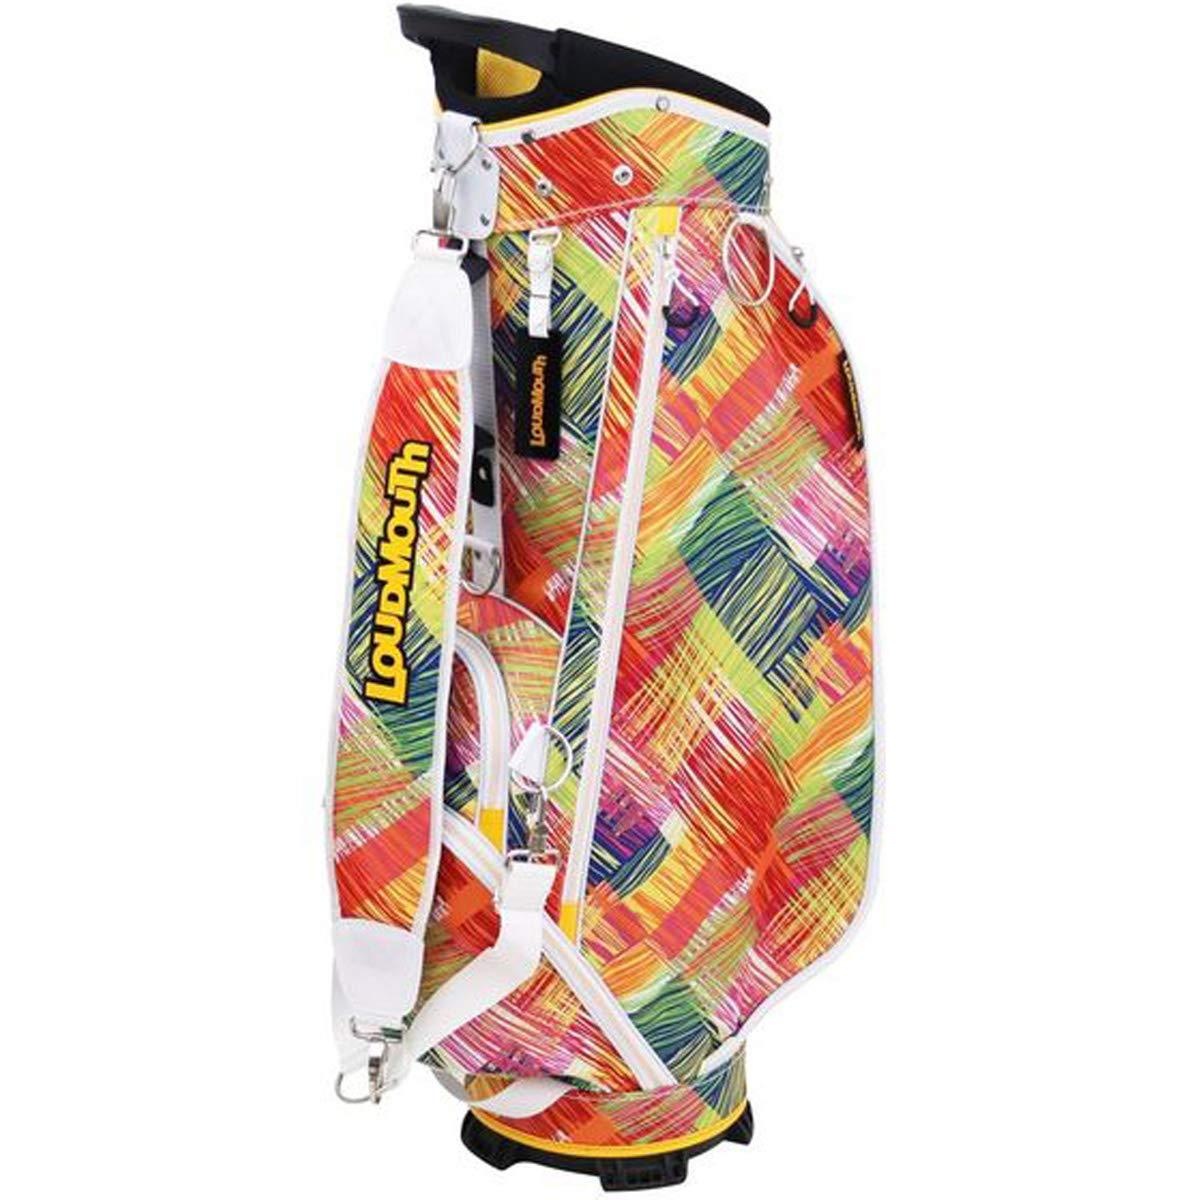 ラウドマウスゴルフ Loud Mouth Golf キャディバッグ キャディバッグ スクラッチイエロー  スクラッチイエロー 156 B07KWYBLLH